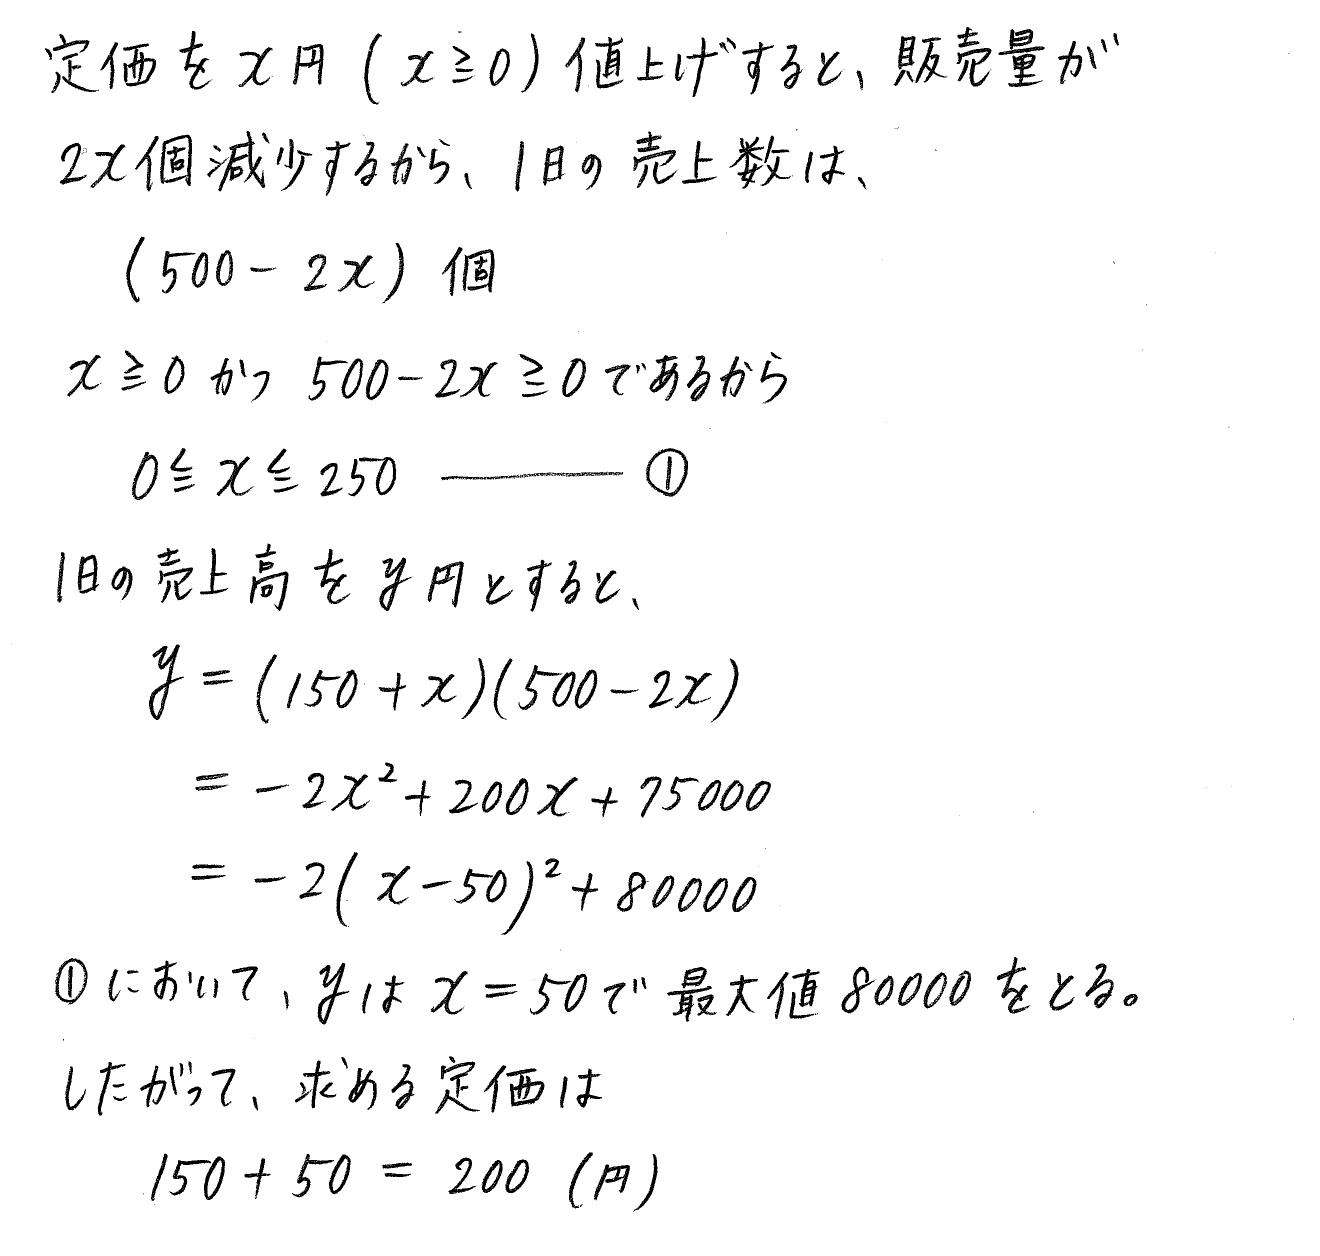 クリアー数学1-183解答